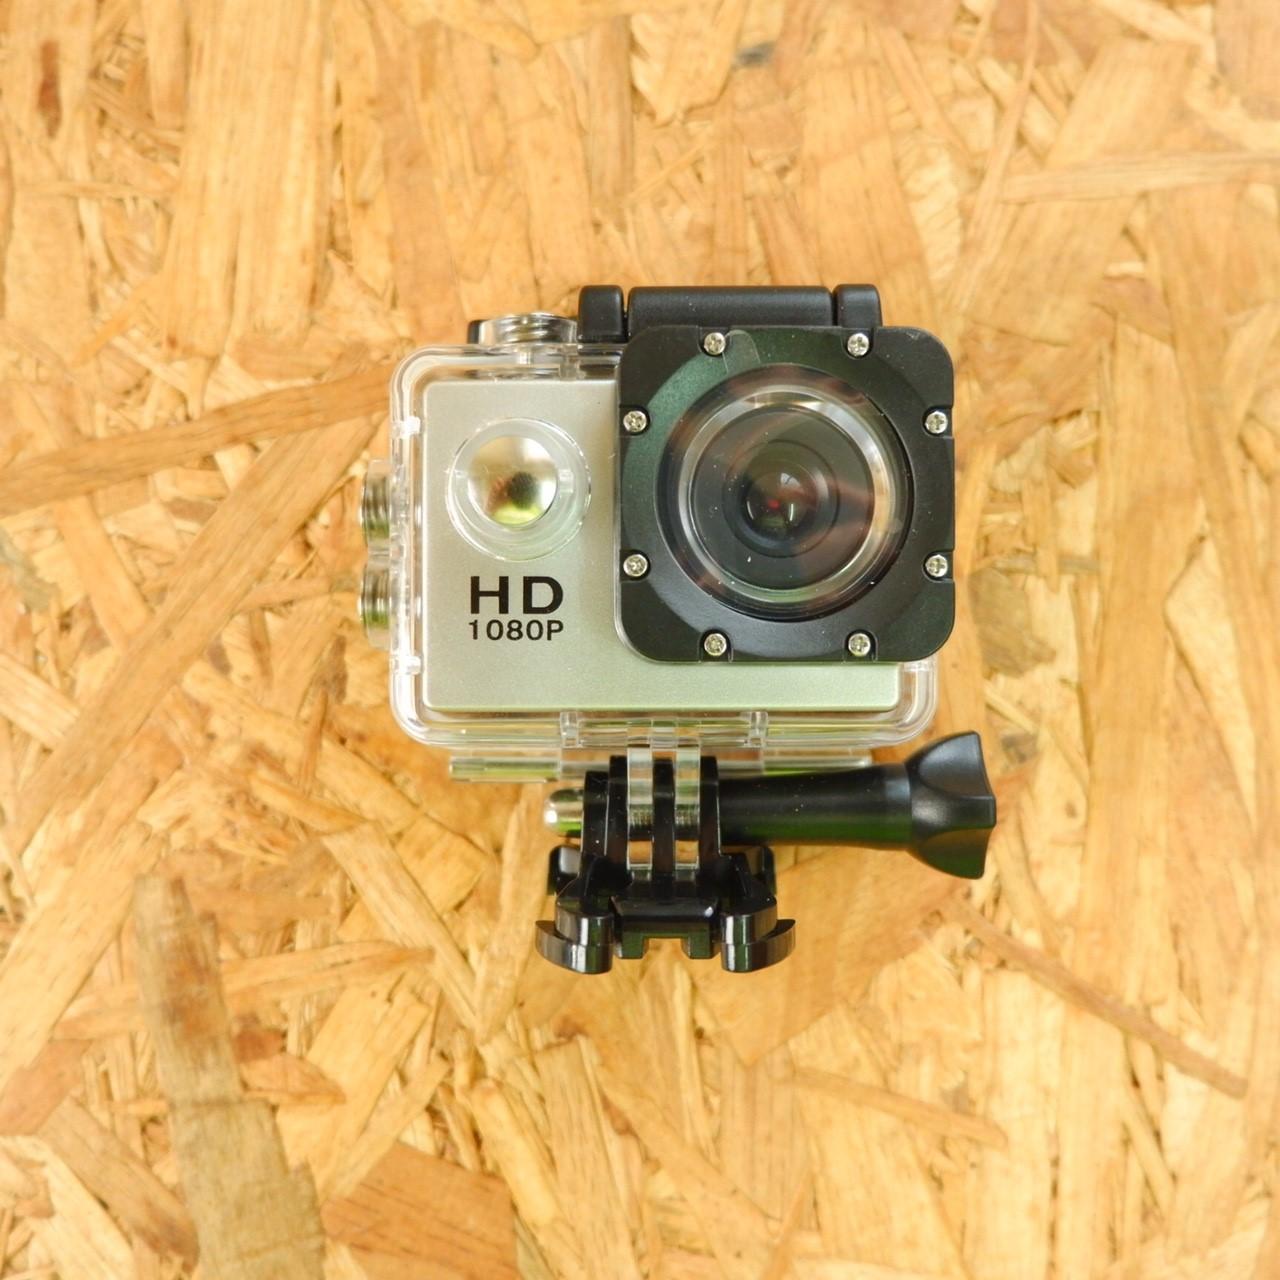 กล้องกันน้ำ Sports Cam Full HD 1080p